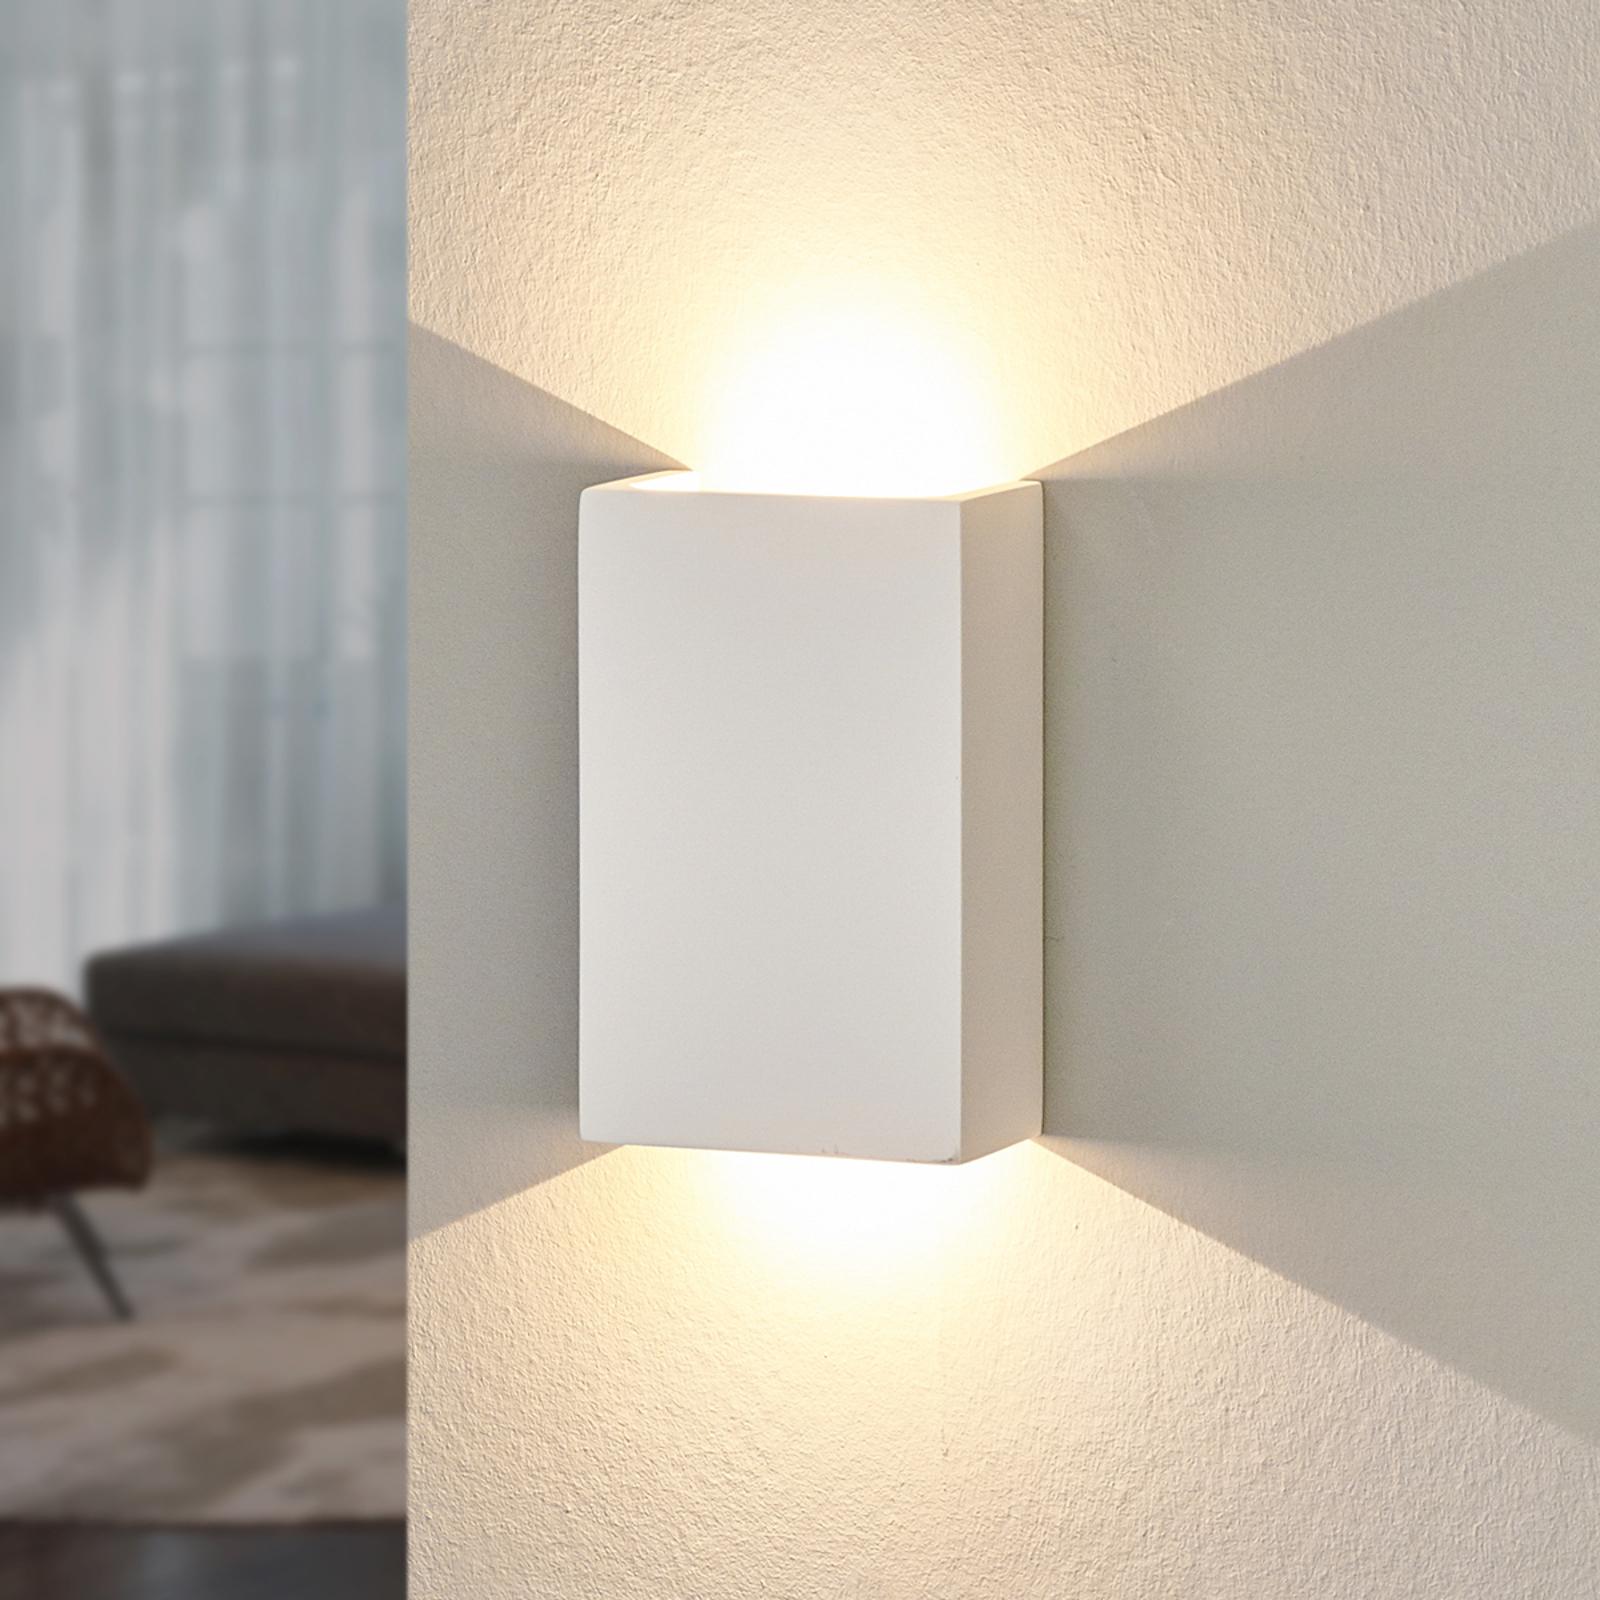 LED-vegglampe Fabiola av gips, 16 cm høy